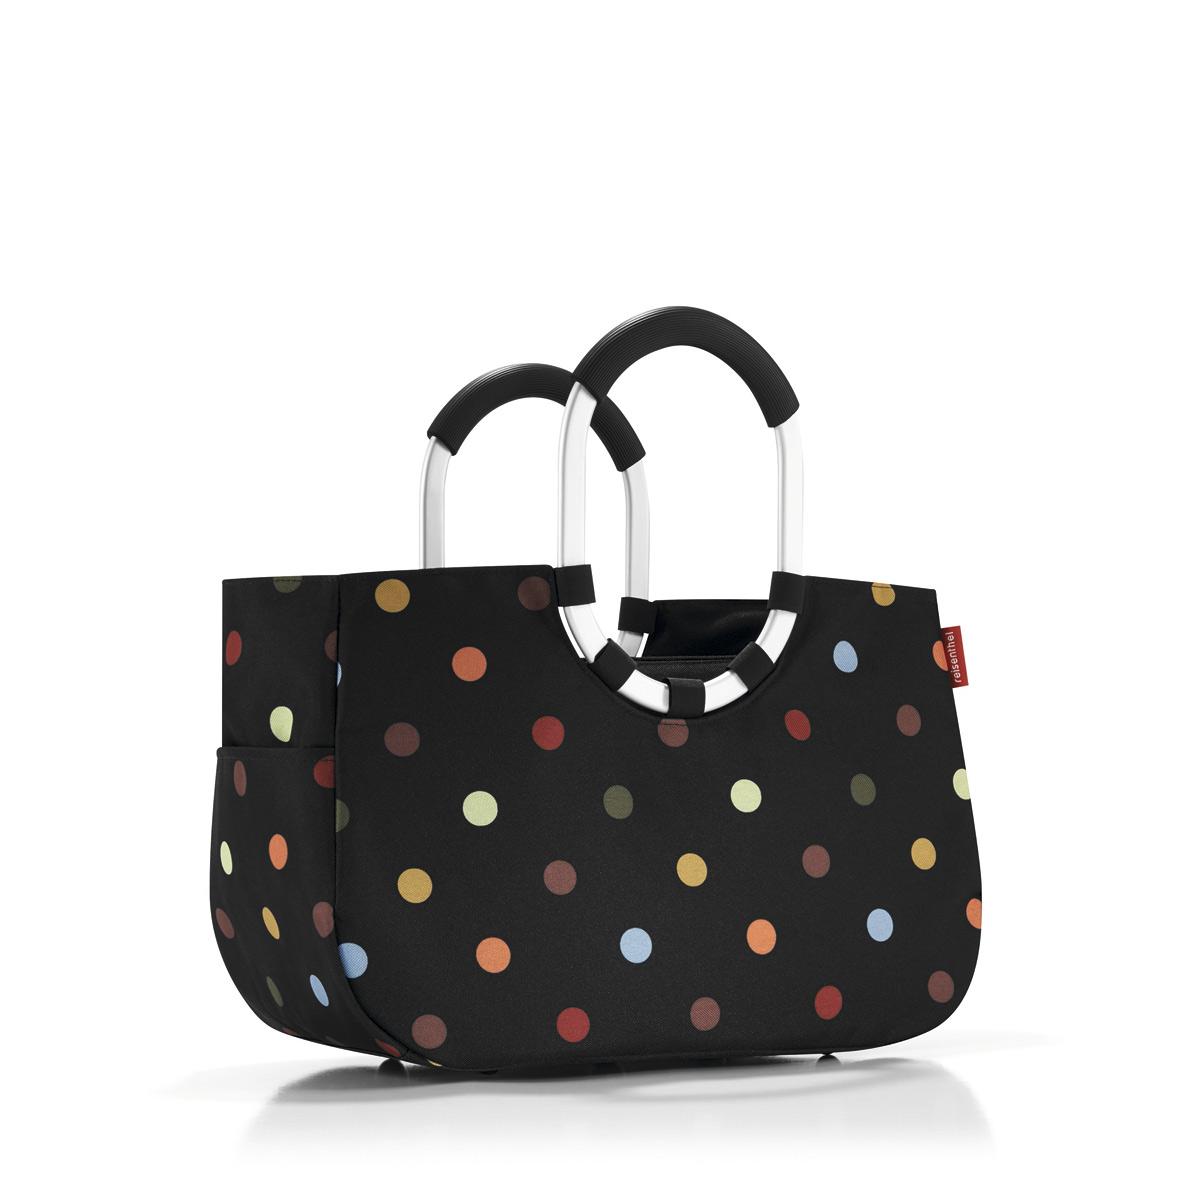 Сумка Reisenthel, цвет: черный. OS7009OS7009Элегантная шоппинг-сумка, которая выручит как в походе за продуктами, так и при сборах на дачу или на пикник. Ручки из прочного алюминия со специальным прорезиненным покрытием, очень удобно носить в руках. Внутри - карман, застегивающийся на молнию. Плюс два кармана снаружи, по бокам сумки. Так же есть съемная внутренняя сумочка с тремя отделениями (размер 23 х 28 х 8 см). Внутренний объем - 12 литров.